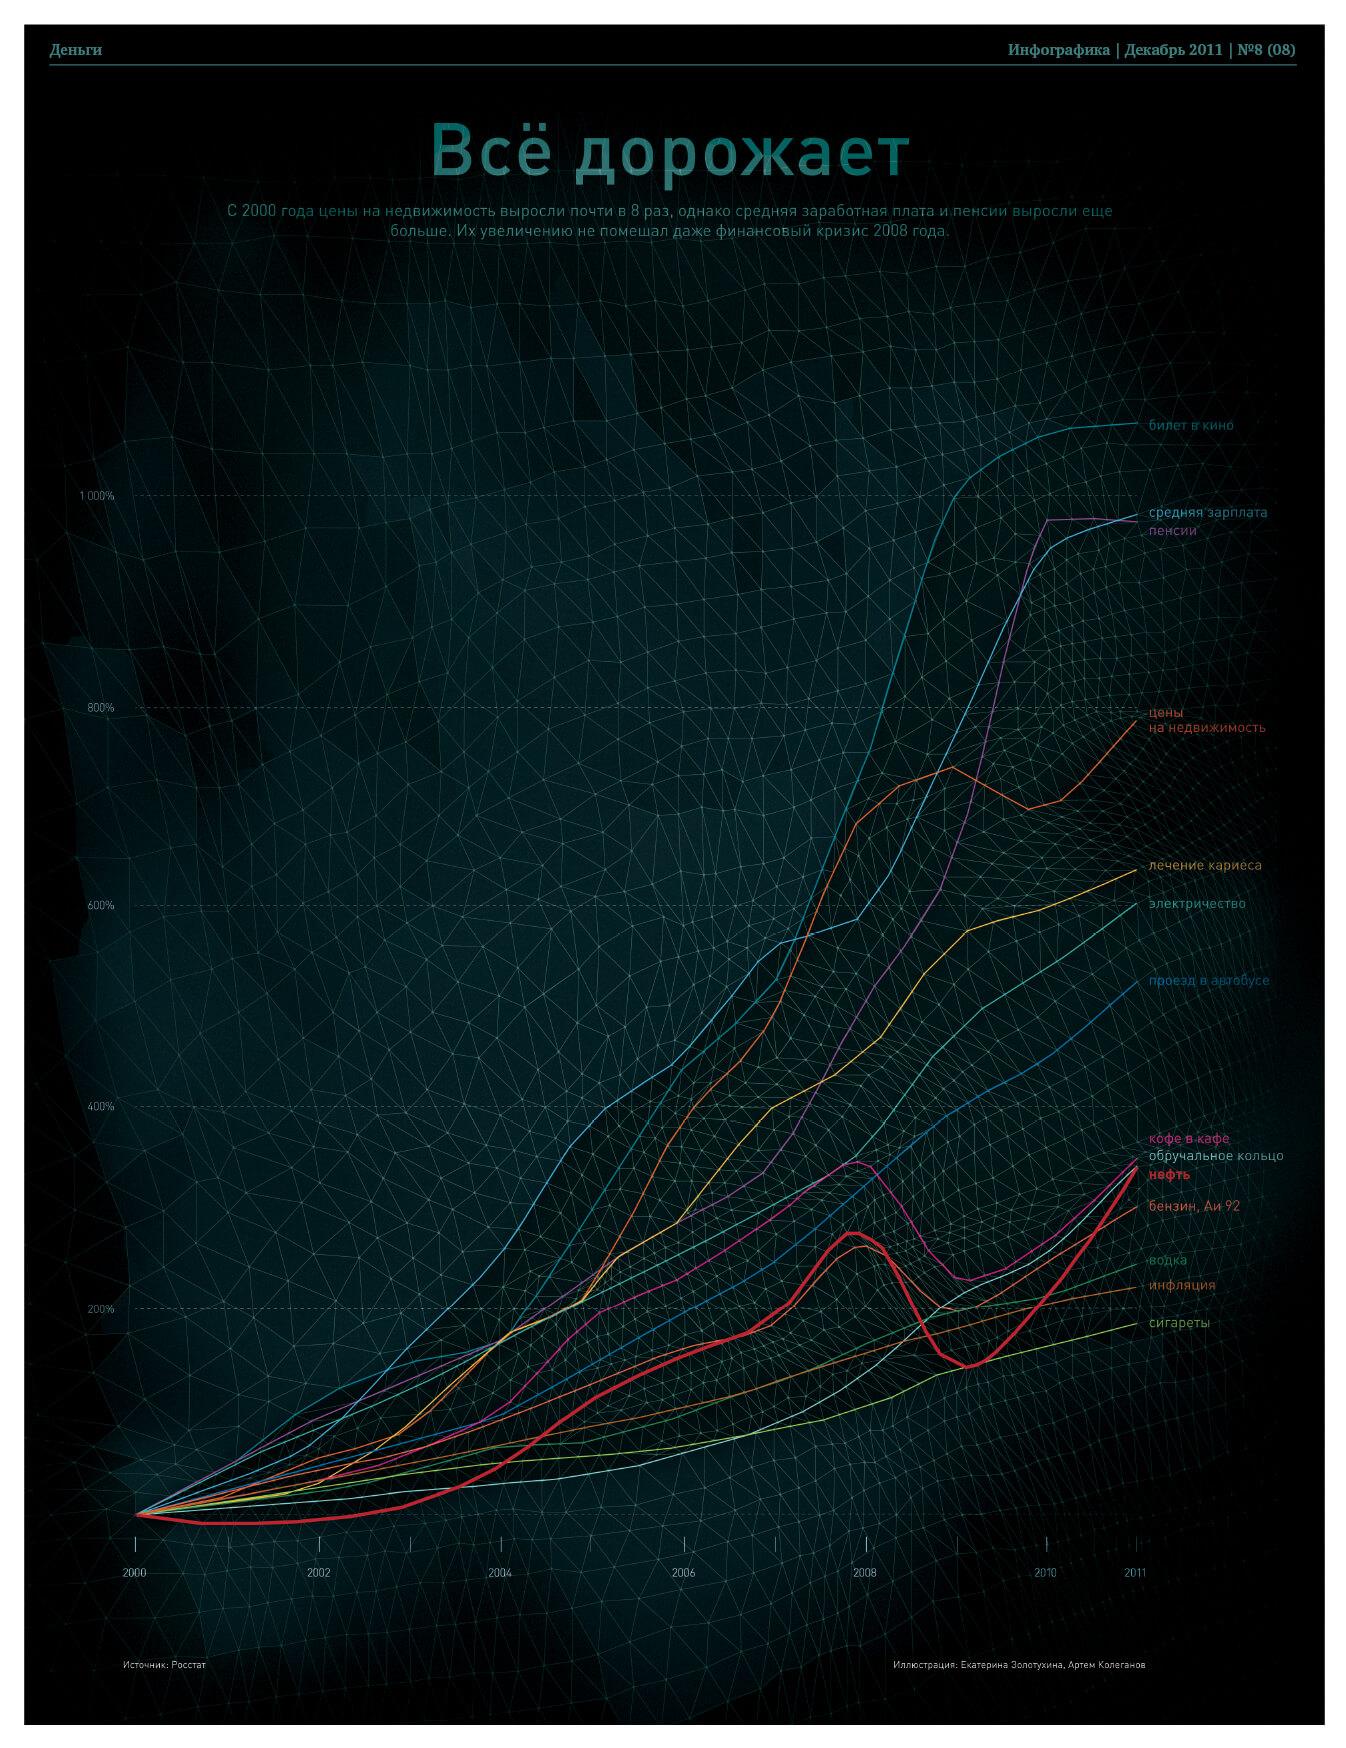 Инфографика в сфере недвижимости